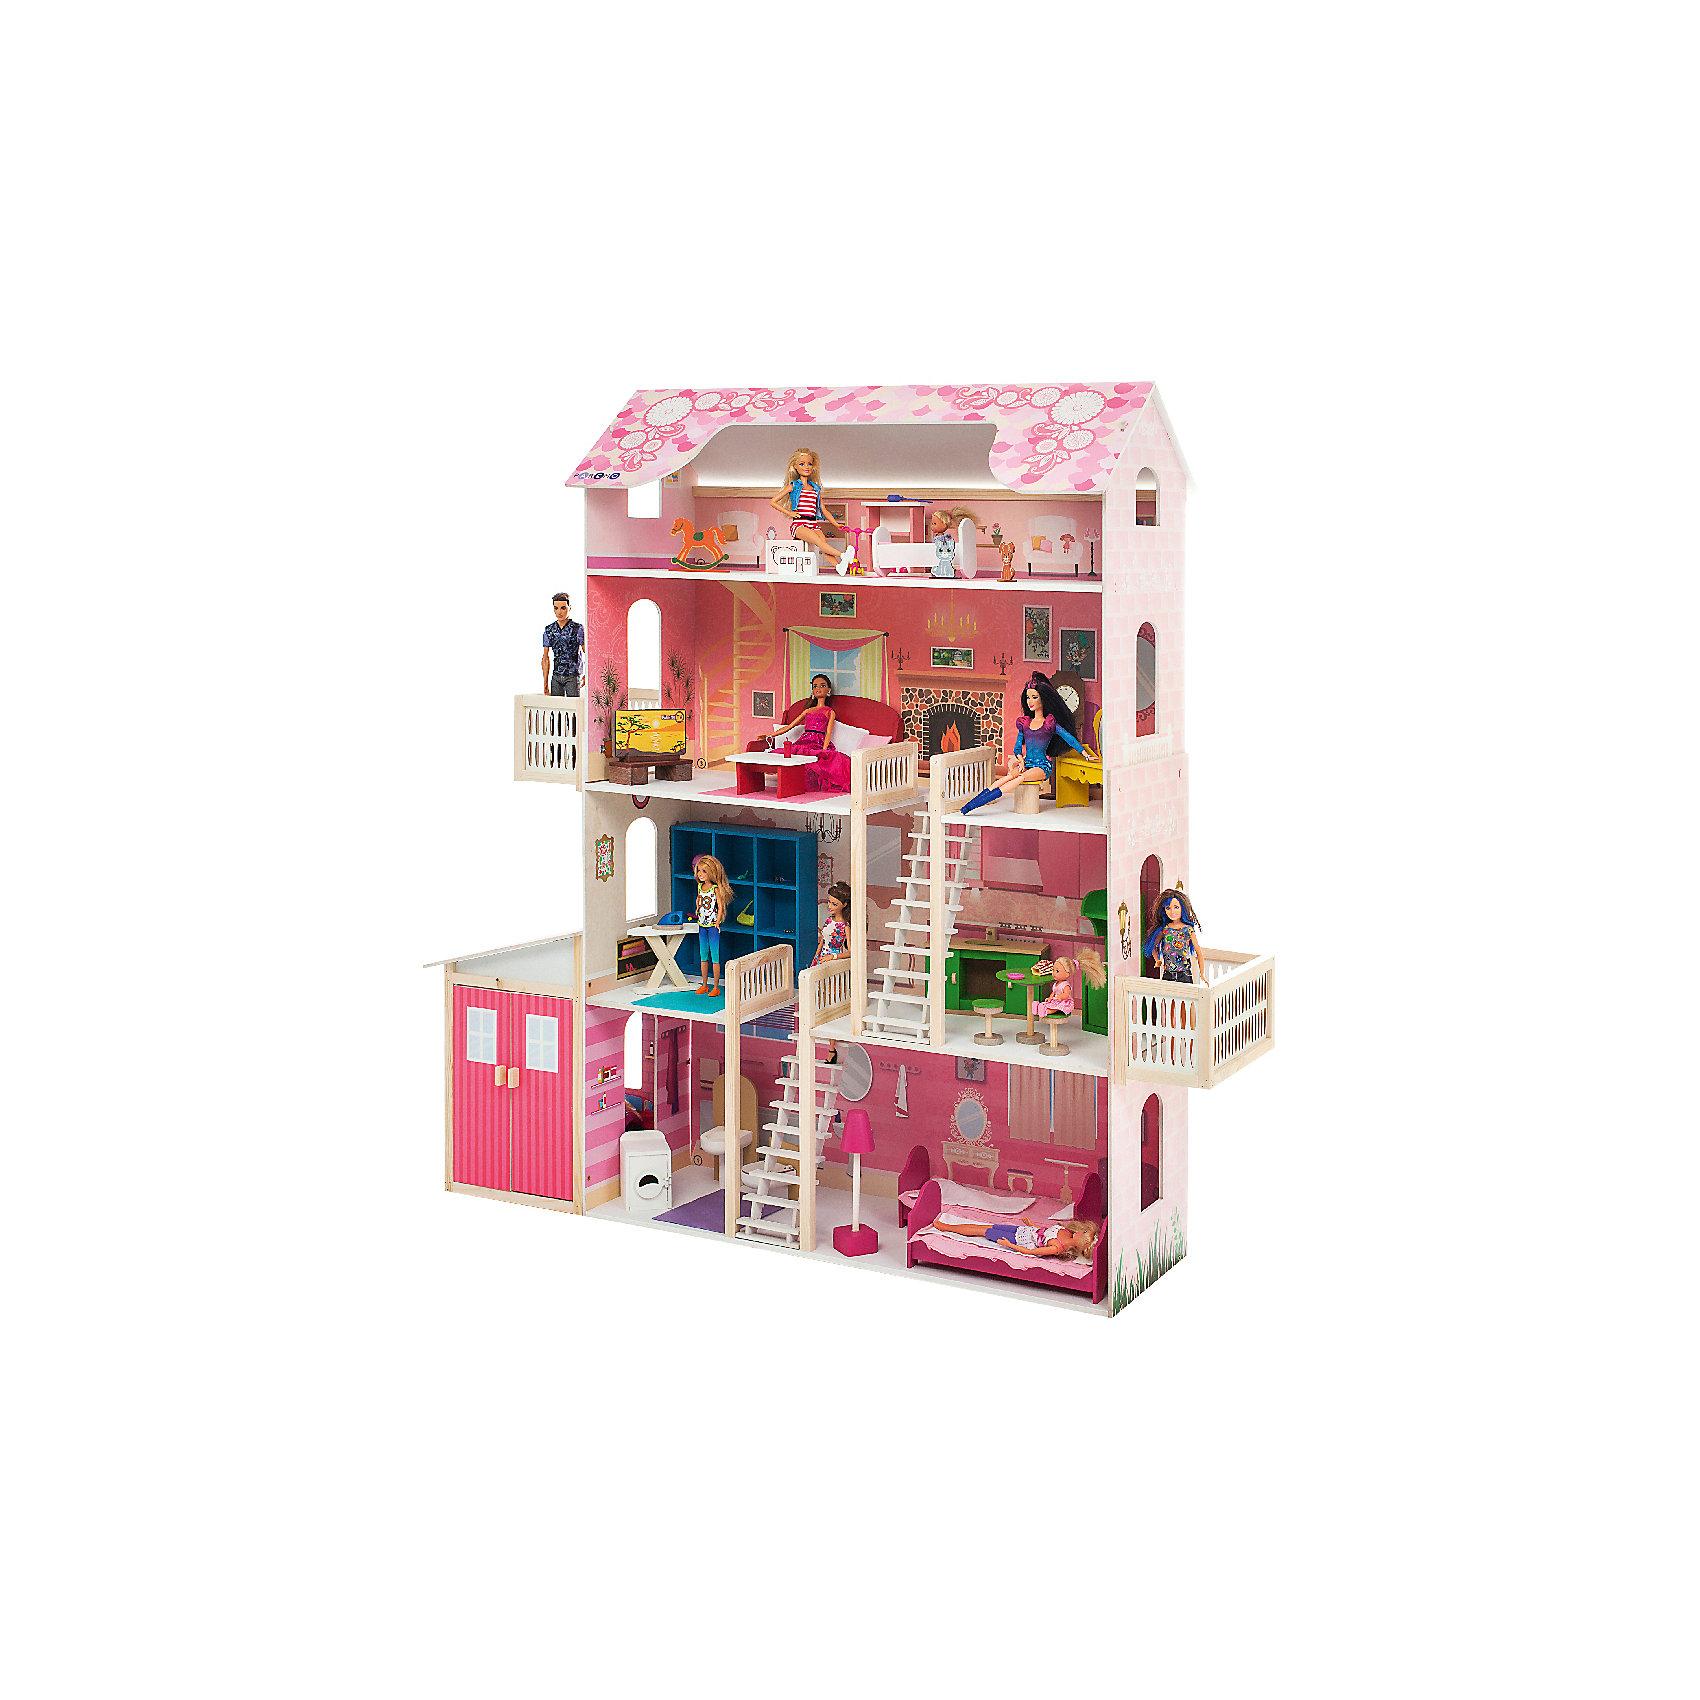 Домик для Барби Нежность, с аксессуарами, PAREMOДомики и мебель<br>Домик для Барби Нежность, с аксессуарами, PAREMO.<br><br>Характеристики:<br><br>•     Материал: дерево, фанера, флок, фетр. Сделан из натуральных материалов- 100% дерево, ни одного пластикового элемента в каркасе и мебели.<br>•Домик имеет пристенную конструкцию: задняя часть домика глухая, а передняя – открыта.<br>4-х этажная конструкция.<br>•На уровне 2-го и 3-го этажей расположены балконы.<br>•Подходит для всех кукол высотой до 30 см<br>•Конструкция продается в разобранном виде. Инструкция по сборке входит в комплект.<br>•Размер игрушки в собранном виде - 140х33х135 см.<br>•Размер упаковки - 96х37х37 см<br>•Вес 24 кг. <br><br>В комплекте:<br><br>• 28 аксессуаров: стиральная машина, раковина, унитаз (крышка поднимается), 2 розовые кровати, торшер, шкаф, гладильная доска, утюг, мойка, плита, стол для кухни, 2 табурета, сиреневый диван, журнальный столик, телевизор, тумба под ТВ, напольные часы, туалетный столик, пуф, колыбель, пуф для детской, комод для детской, качалка-лошадка.<br>• 34 декоративных наклейки для украшения интерьера и фасадов. <br><br>ВНИМАНИЕ! Куклы, кукольная одежда и транспорт, а также текстиль приобретается отдельно!<br><br>Домик для Барби Нежность, с аксессуарами, PAREMO – игрушка от российского производителя. В доме 7 комнат, 2 балкона и гараж для кукольного транспорта. На первом этаже гараж, в котором можно припарковать автомобиль Большие двери гаража легко открываются. При этом из гаража предусмотрен еще и сквозной проход для куклы в жилую часть дома, где располагаются ванная и спальня для кукол. На втором этаже – гардеробная и кухня. На третьем – гостиная и уголок красоты. На четвертом, мансардном, этаже – уютная детская комната Фасады украшают цветочные орнаменты.  Между этажами куклы передвигаются по белоснежной лестнице. Лестница имеет флоковое покрытие, бархатистое и мягкое на ощупь.<br>Материалы, из которых изготовлен домик, полностью соответствуют российским стандартам 